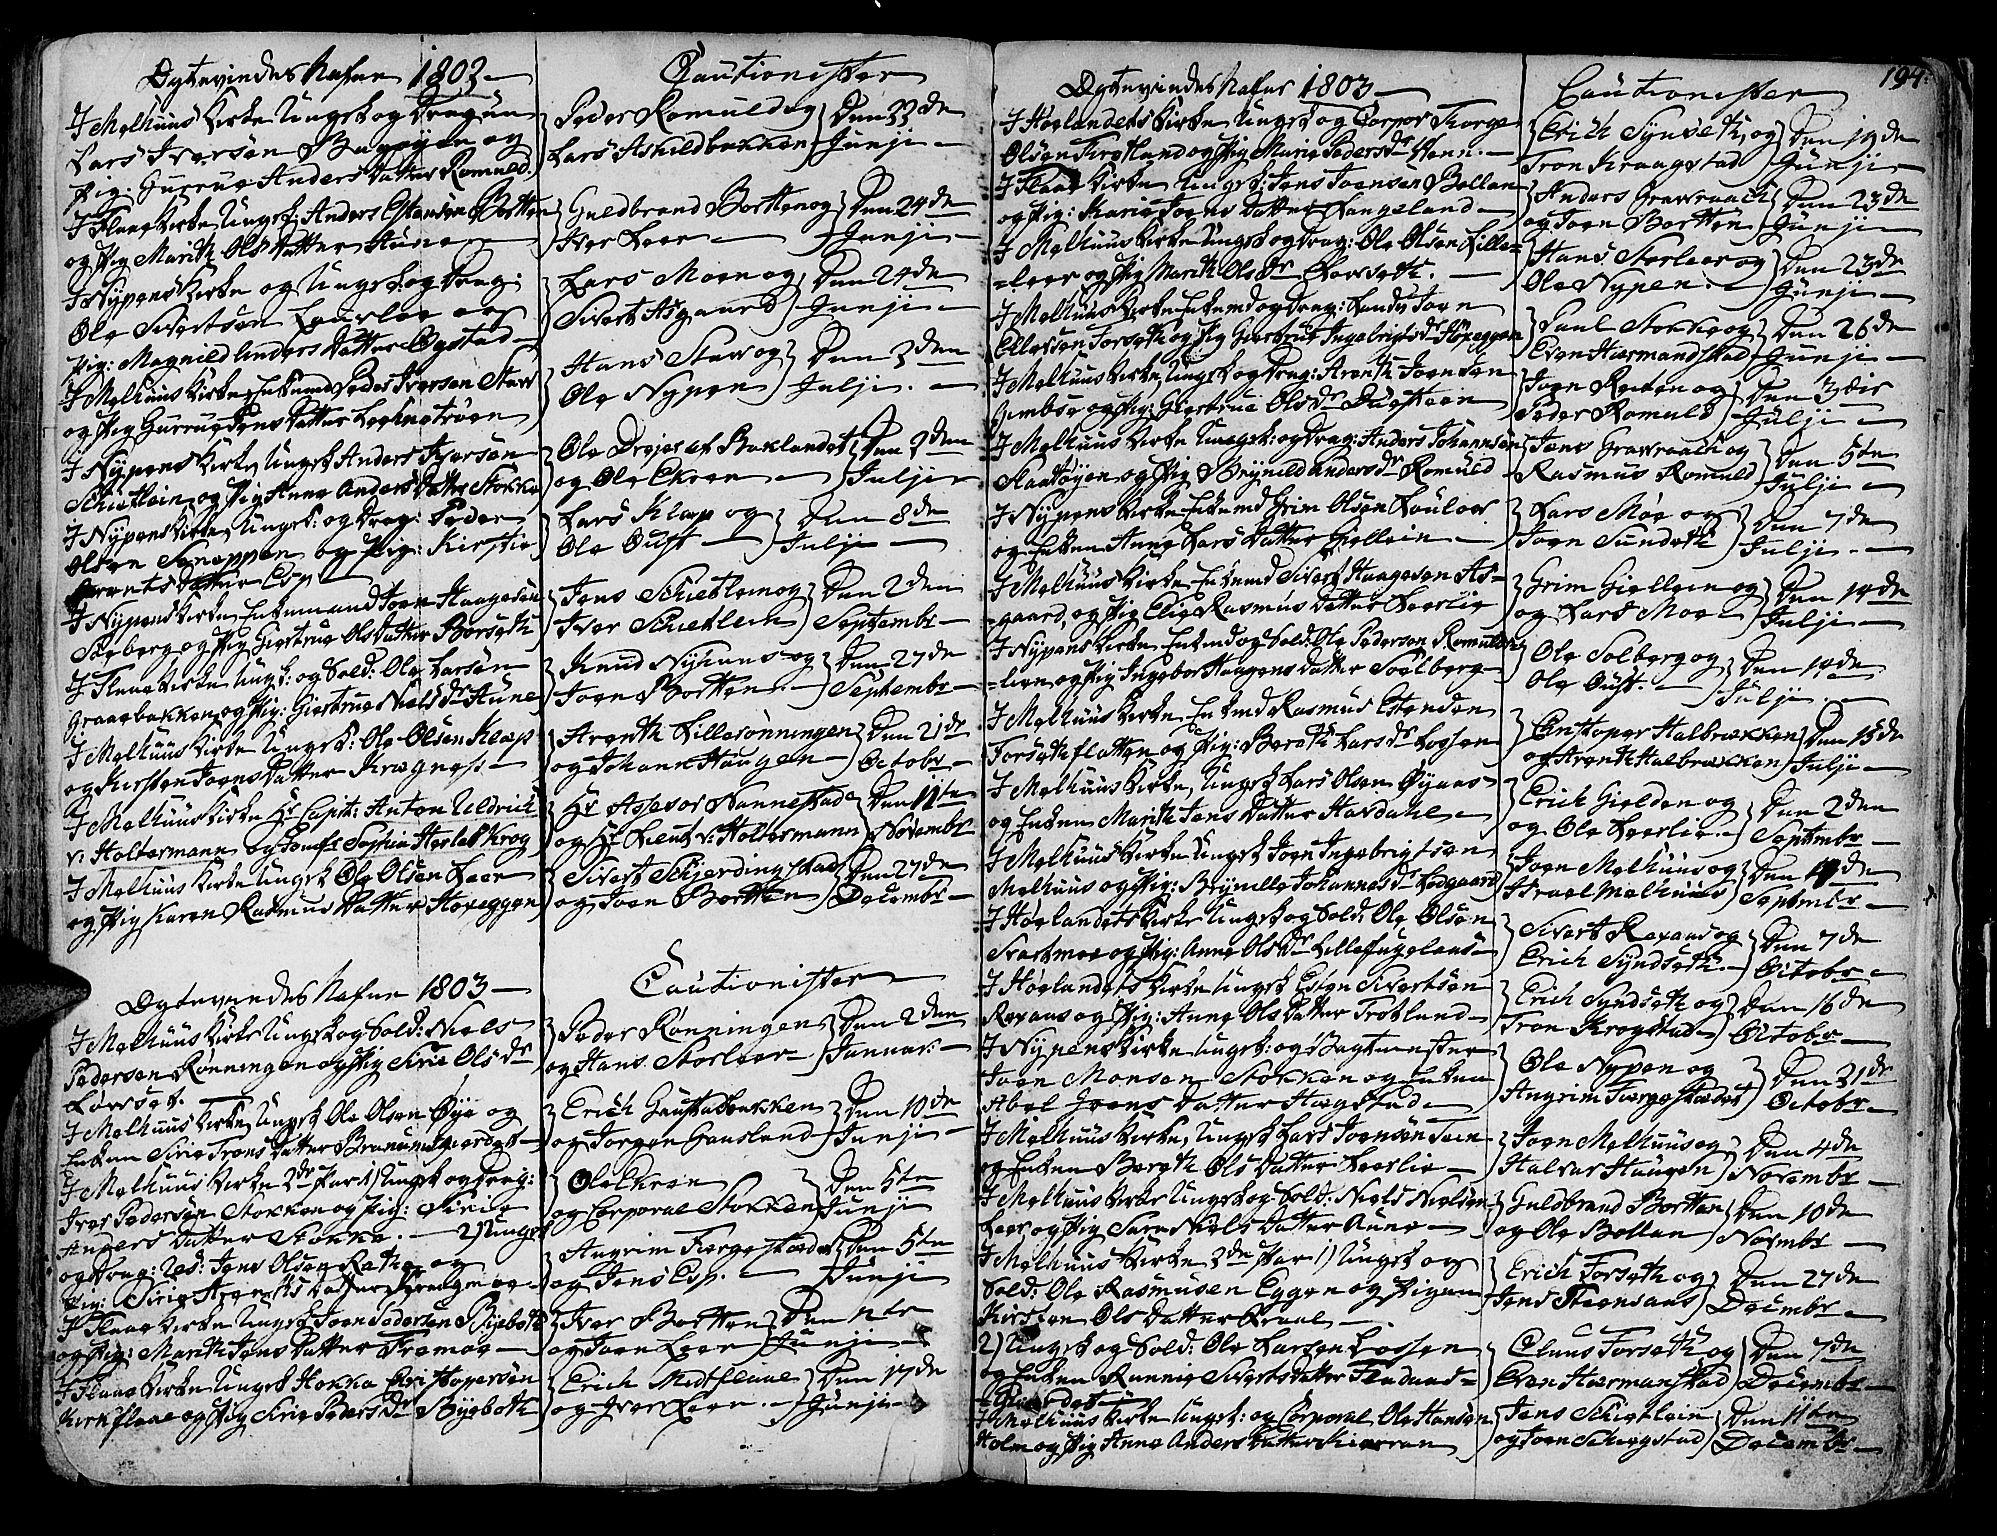 SAT, Ministerialprotokoller, klokkerbøker og fødselsregistre - Sør-Trøndelag, 691/L1061: Ministerialbok nr. 691A02 /1, 1768-1815, s. 194